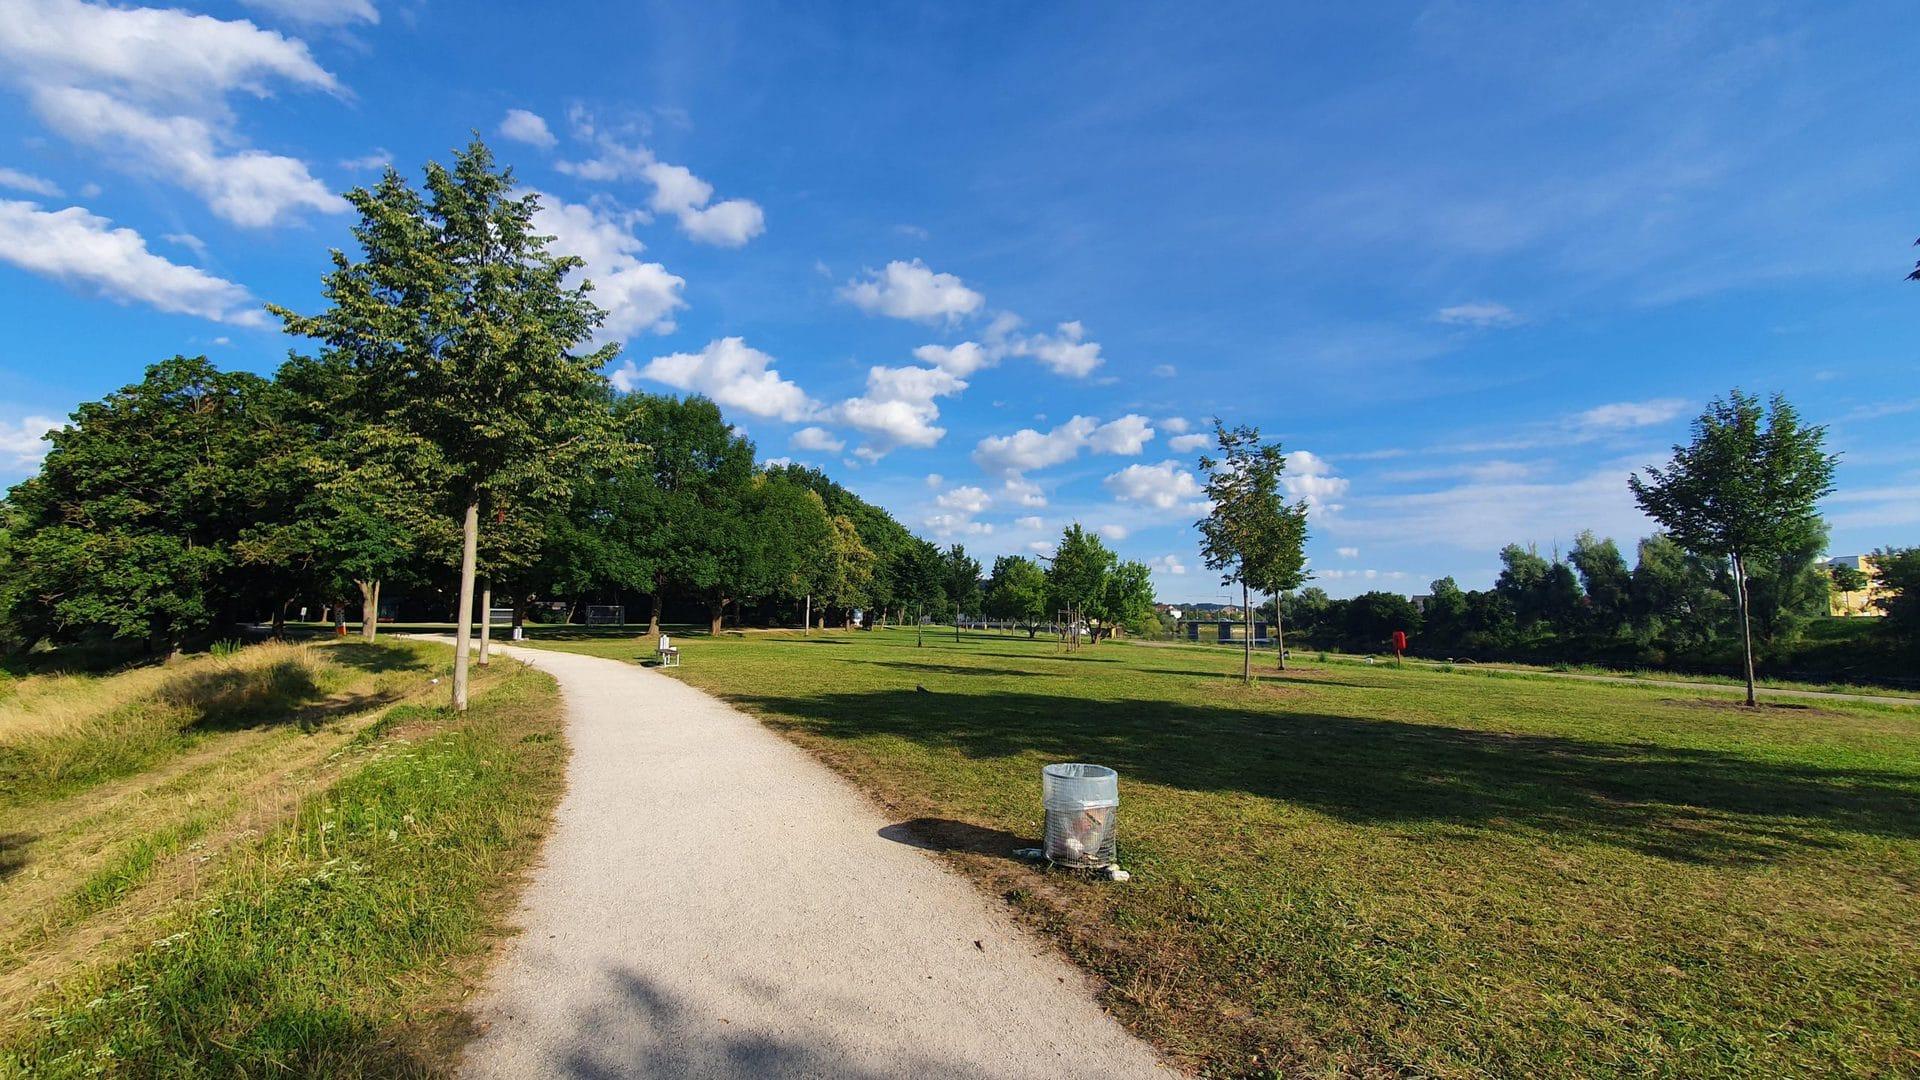 Donauidylle oder Partyzone? Spannungen zwischen Anwohnern und Feiernden in Regensburg wachsen